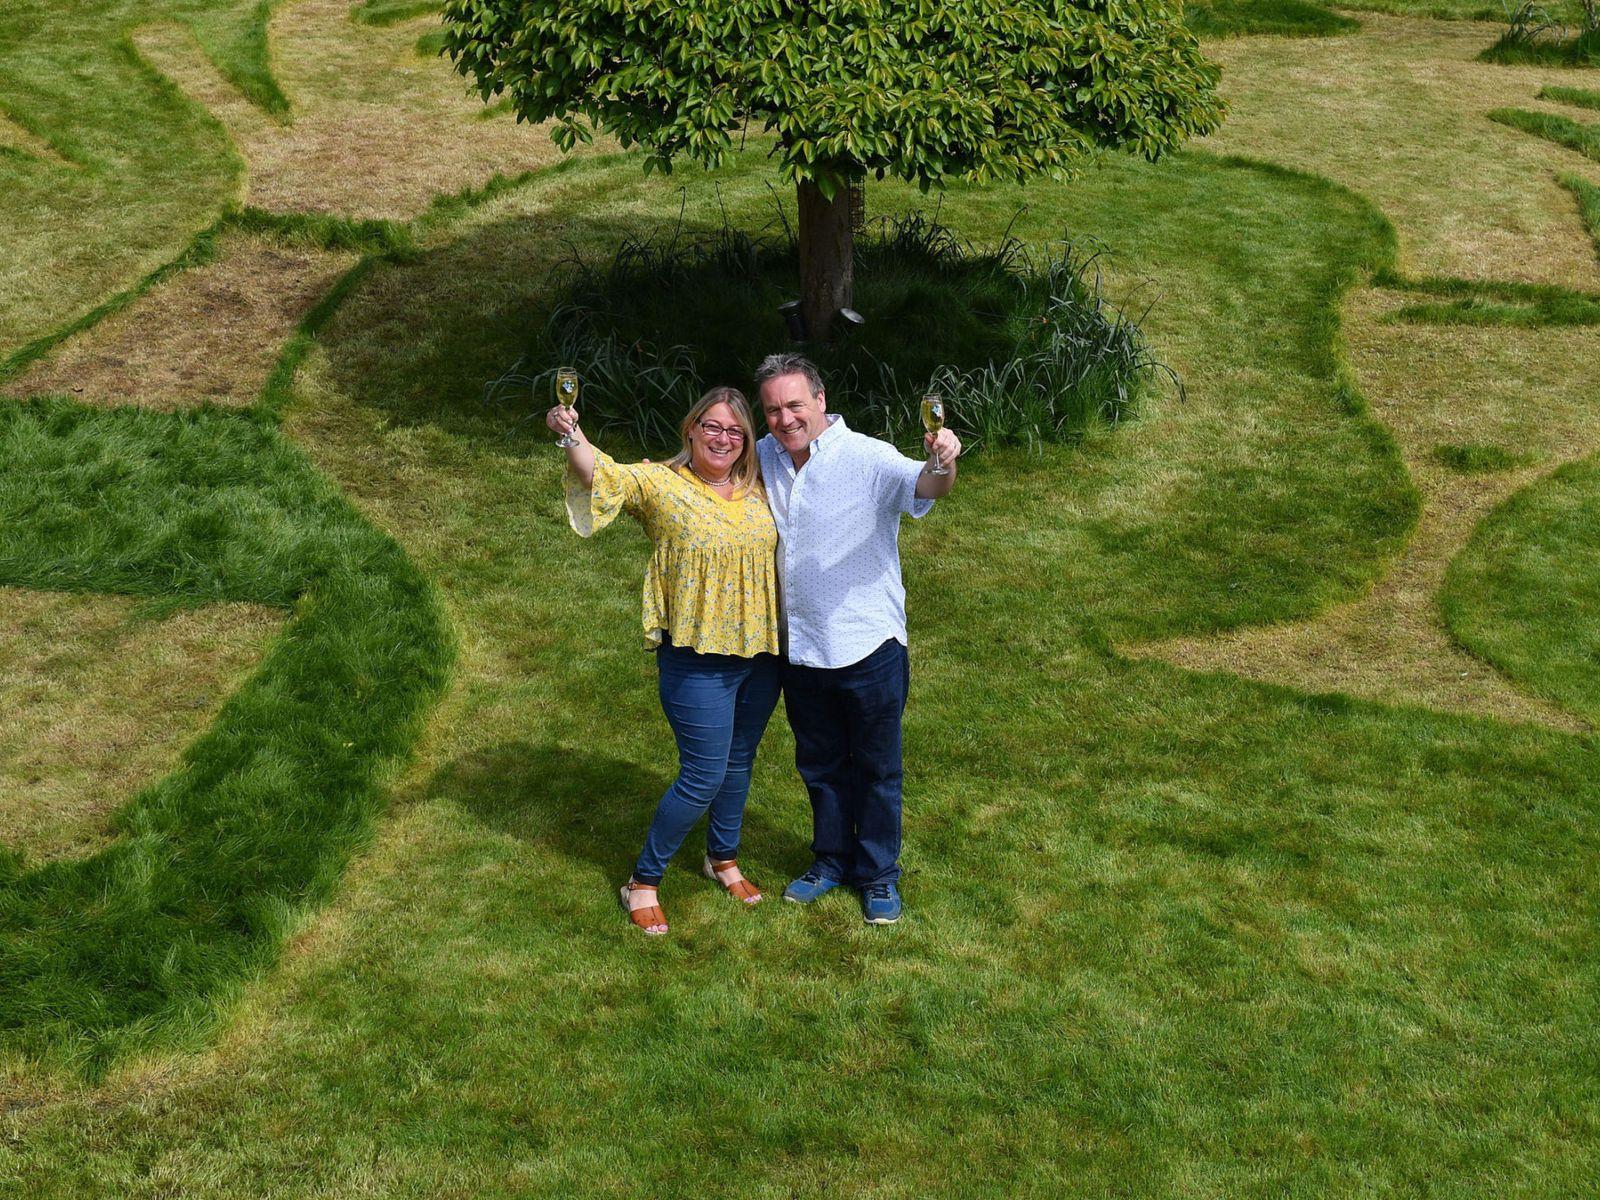 trúng thưởng, vé số, tin8, làm vườn, ăn mừng, chúc mừng, vợ chồng, người Anh